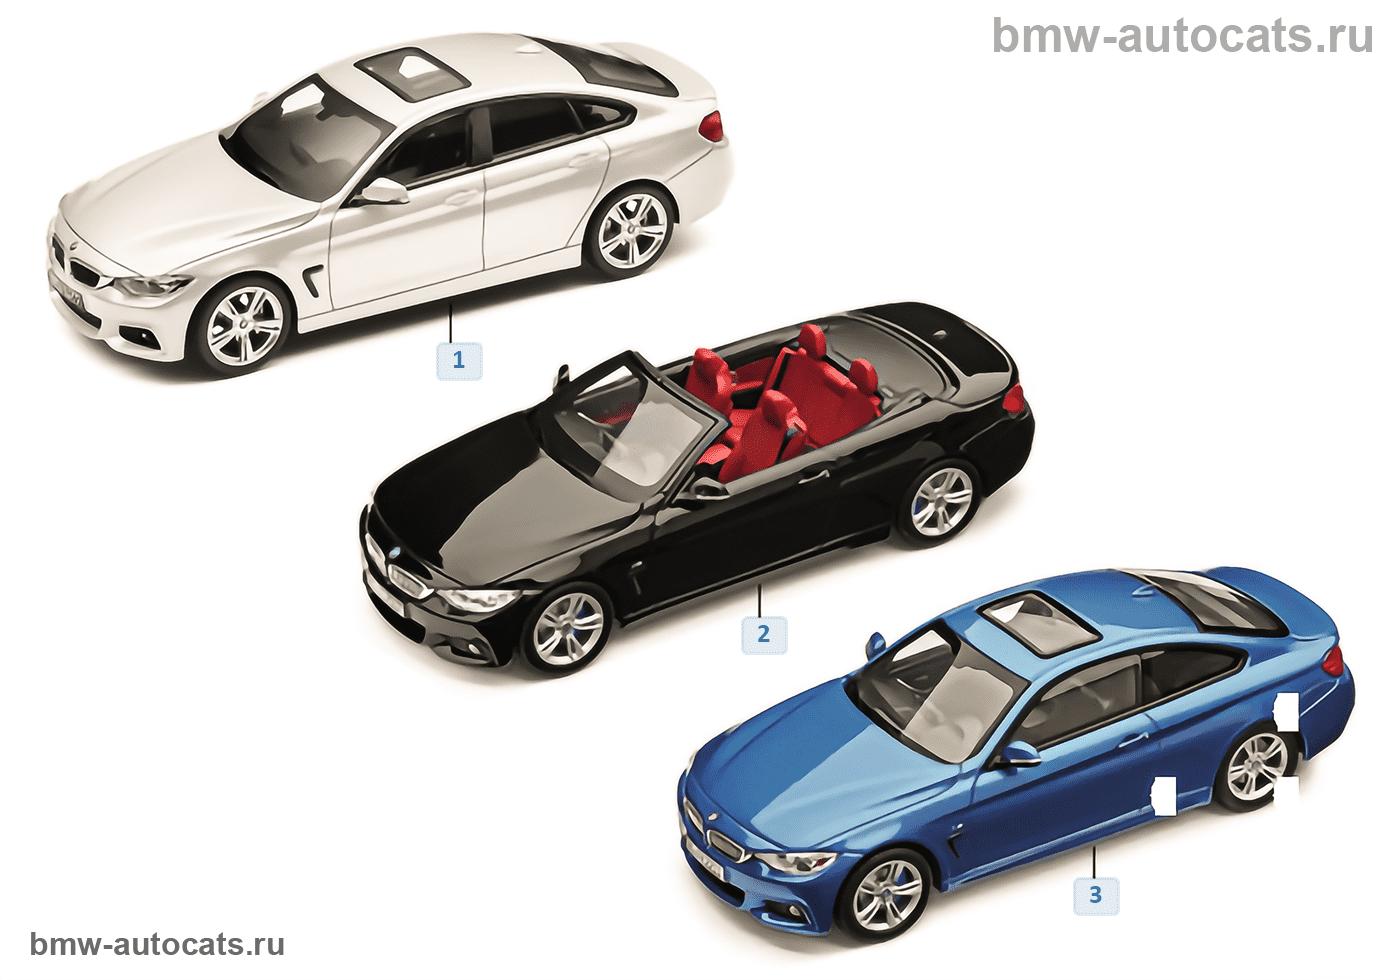 Миниат.модели BMW — BMW 4-й сер.14/16